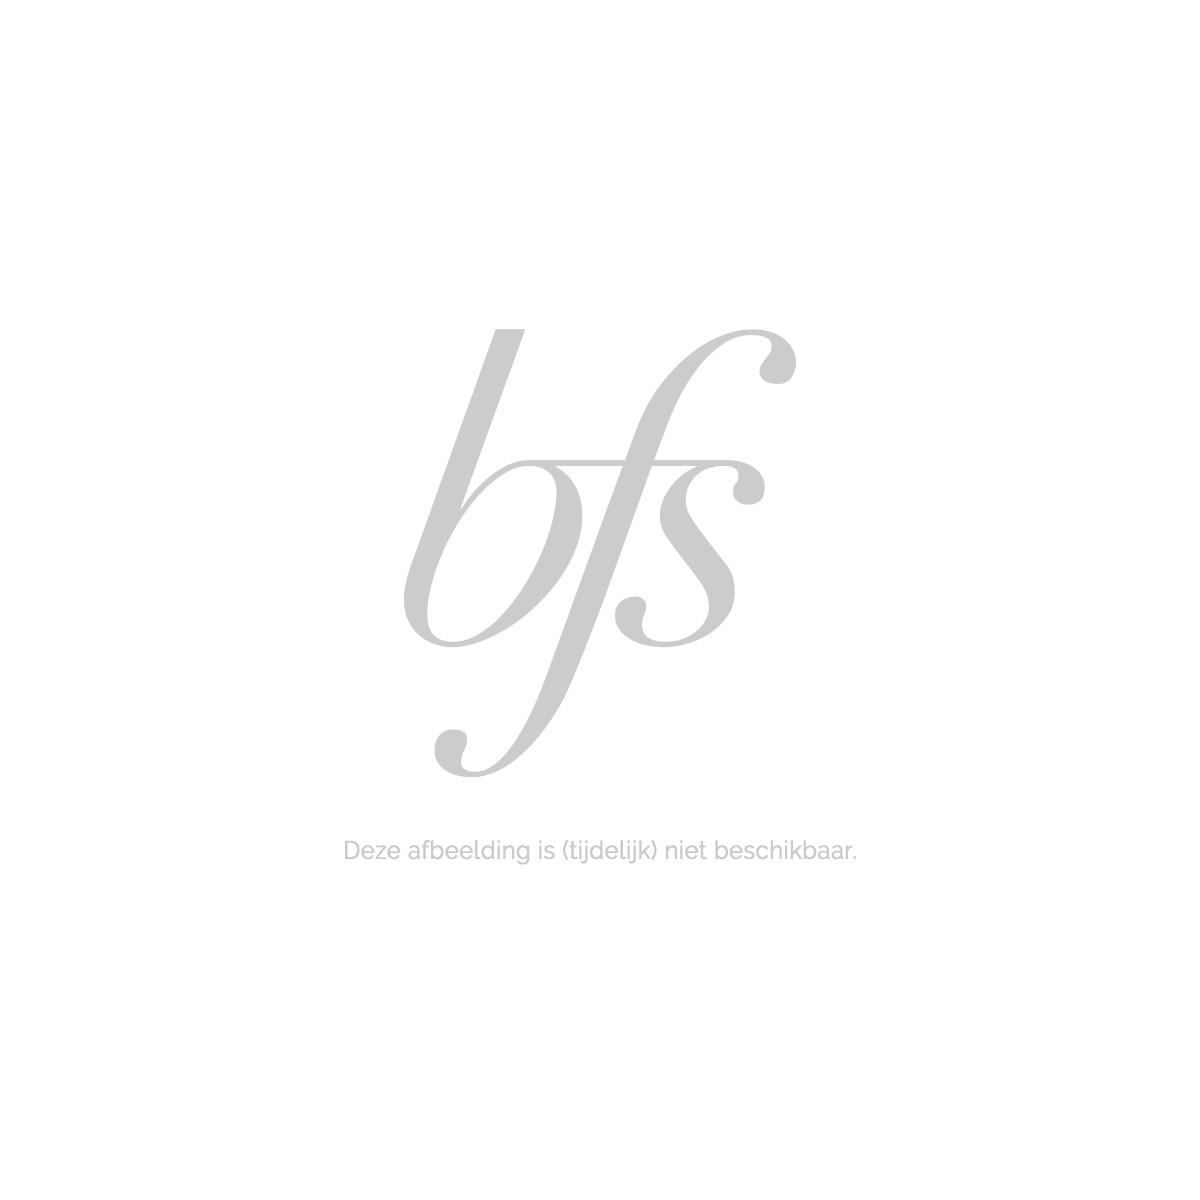 Marc Jacobs Daisy Dream Forever Eau De Parfum 50 ml